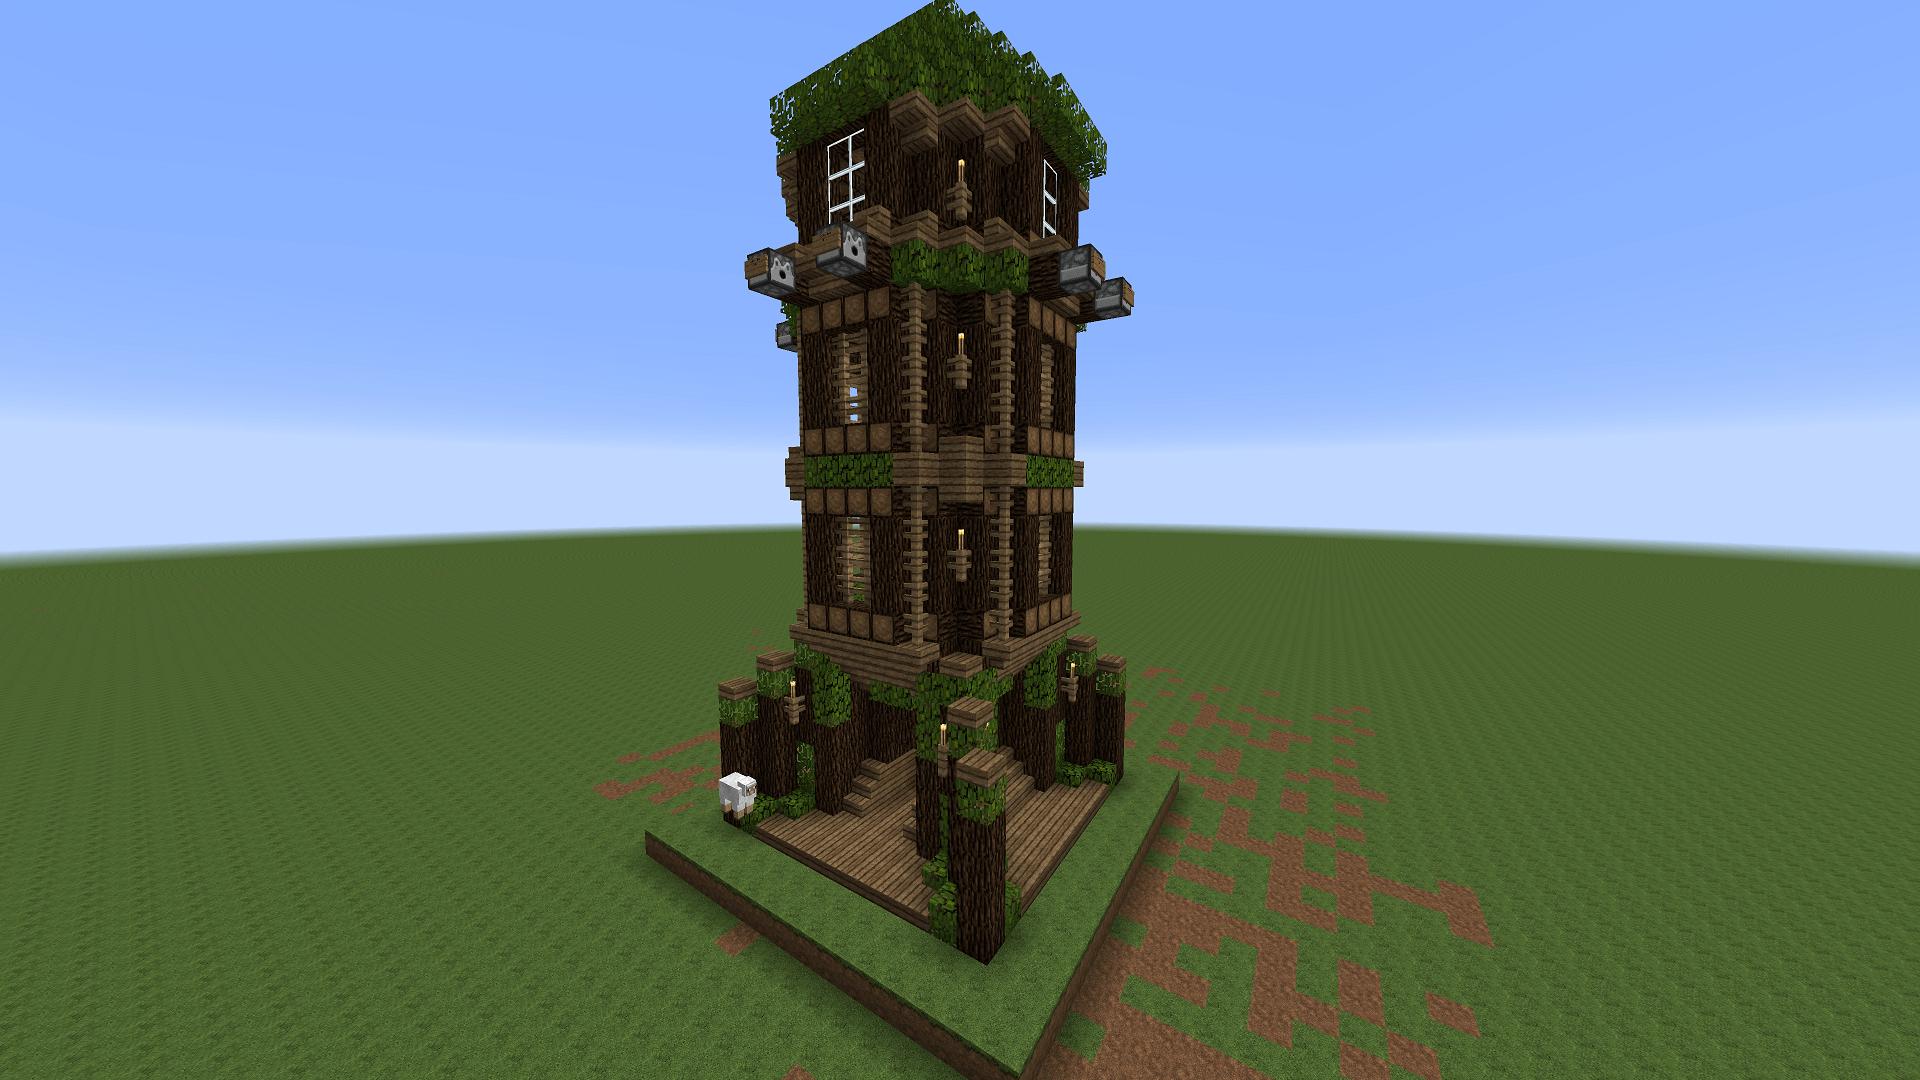 Tower Minecraft Build